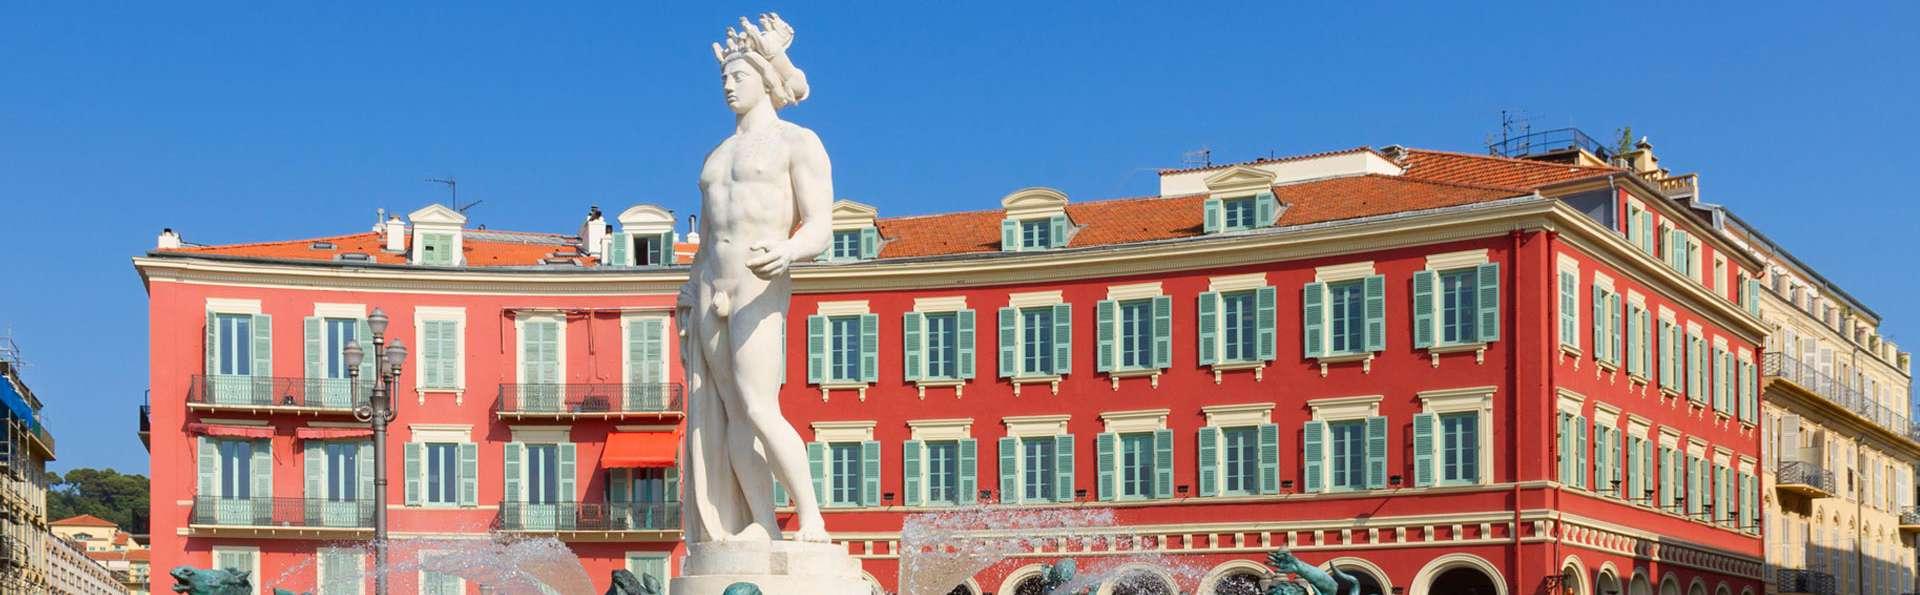 Week-end romantique avec champagne à Nice